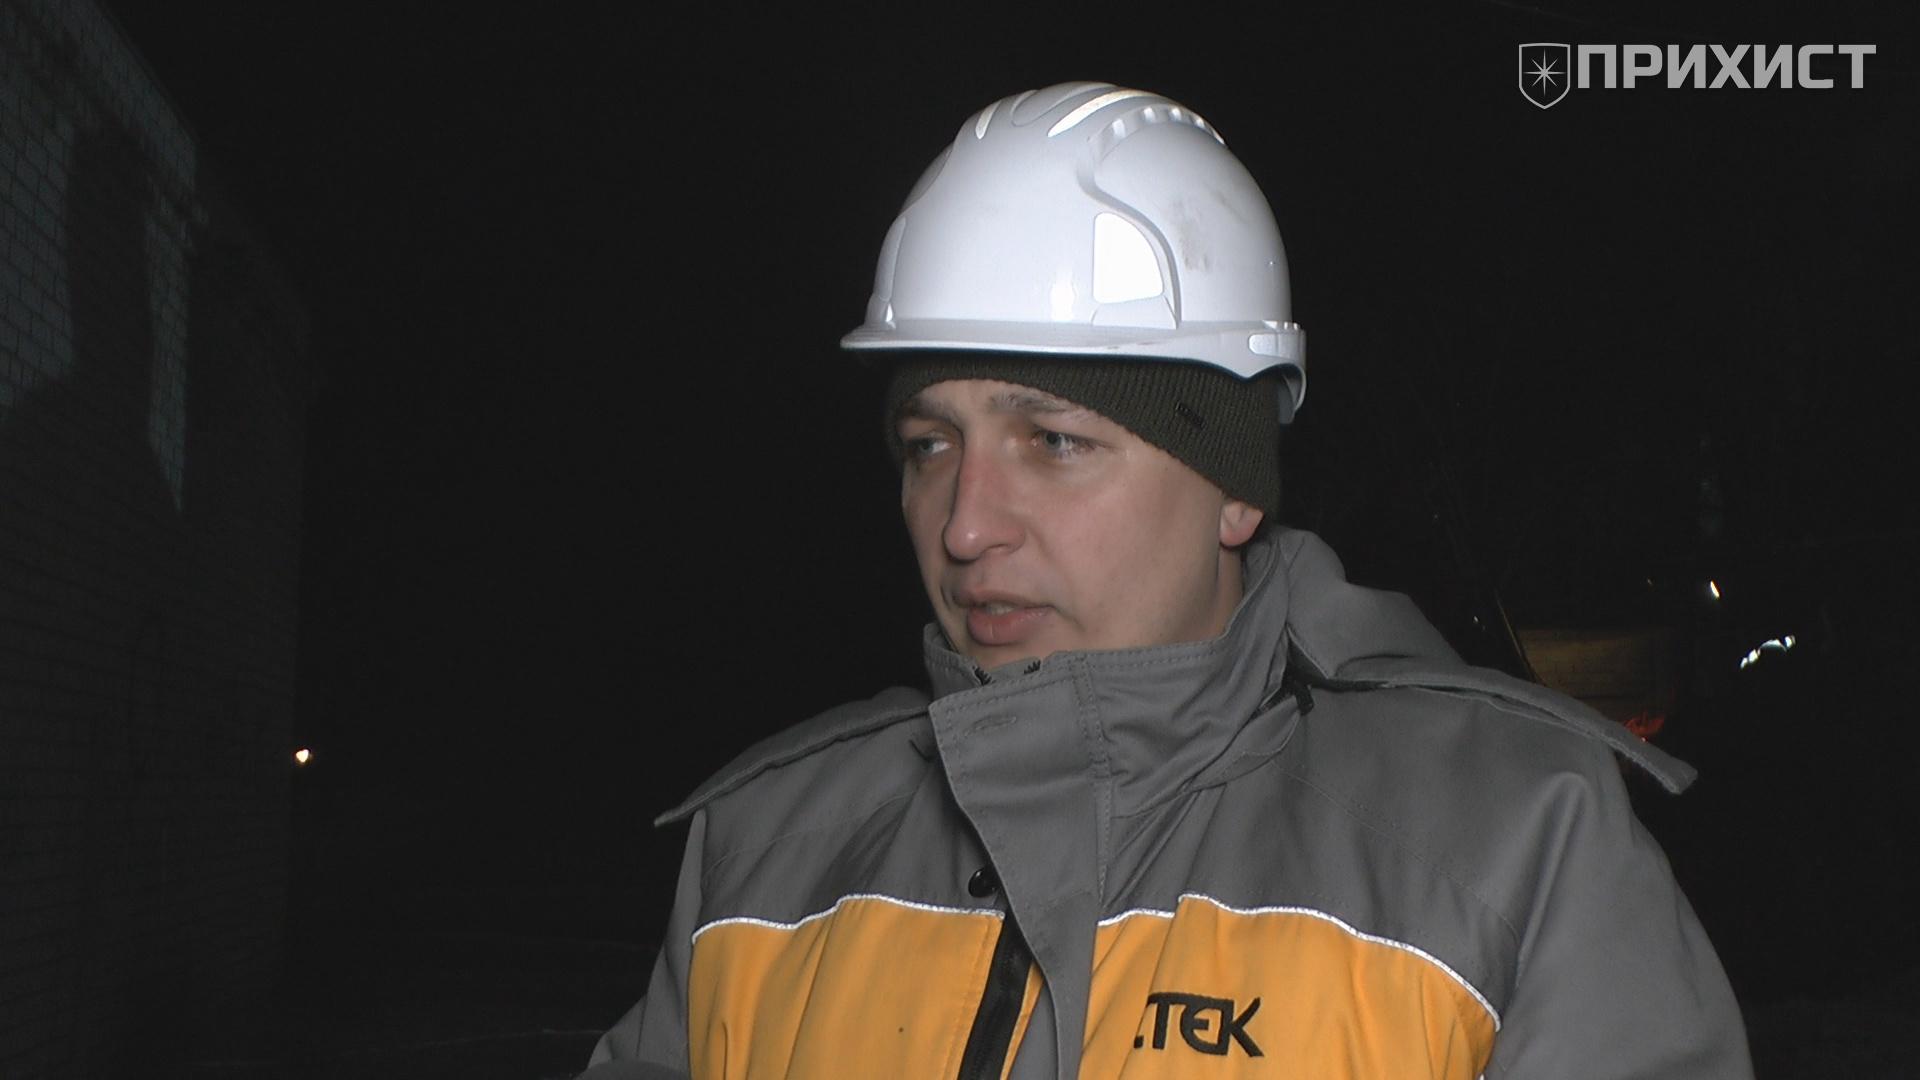 Комментарий главного инженера компании ДТЭК касательно массовых отключений электроэнергии в Никополе | Прихист